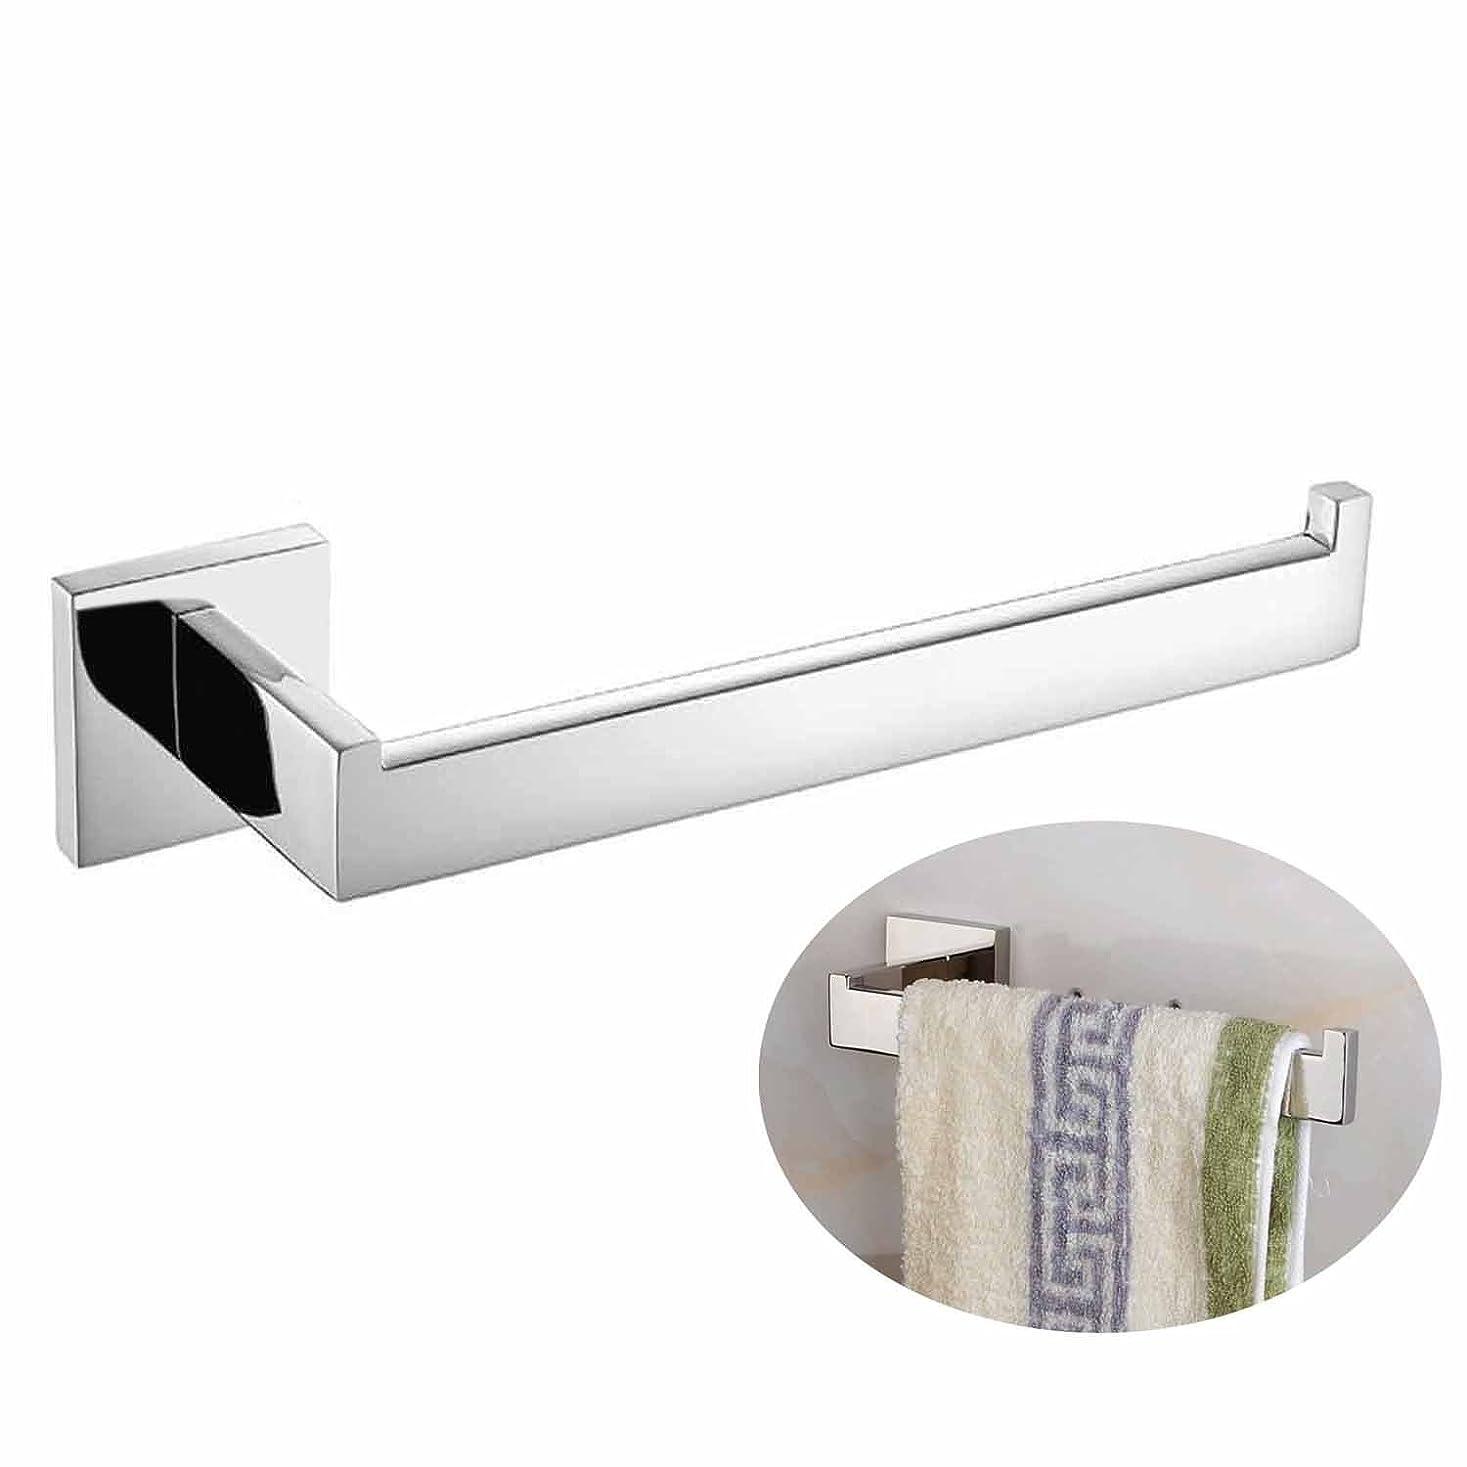 三角どちらも九時四十五分(Mirror Polishing) - Luxury Mirror Polishing 304 Stainless Steel Chrome Finished Towel Bar Single Rack Hanging Holder, Wall Mount Bathroom Accessories